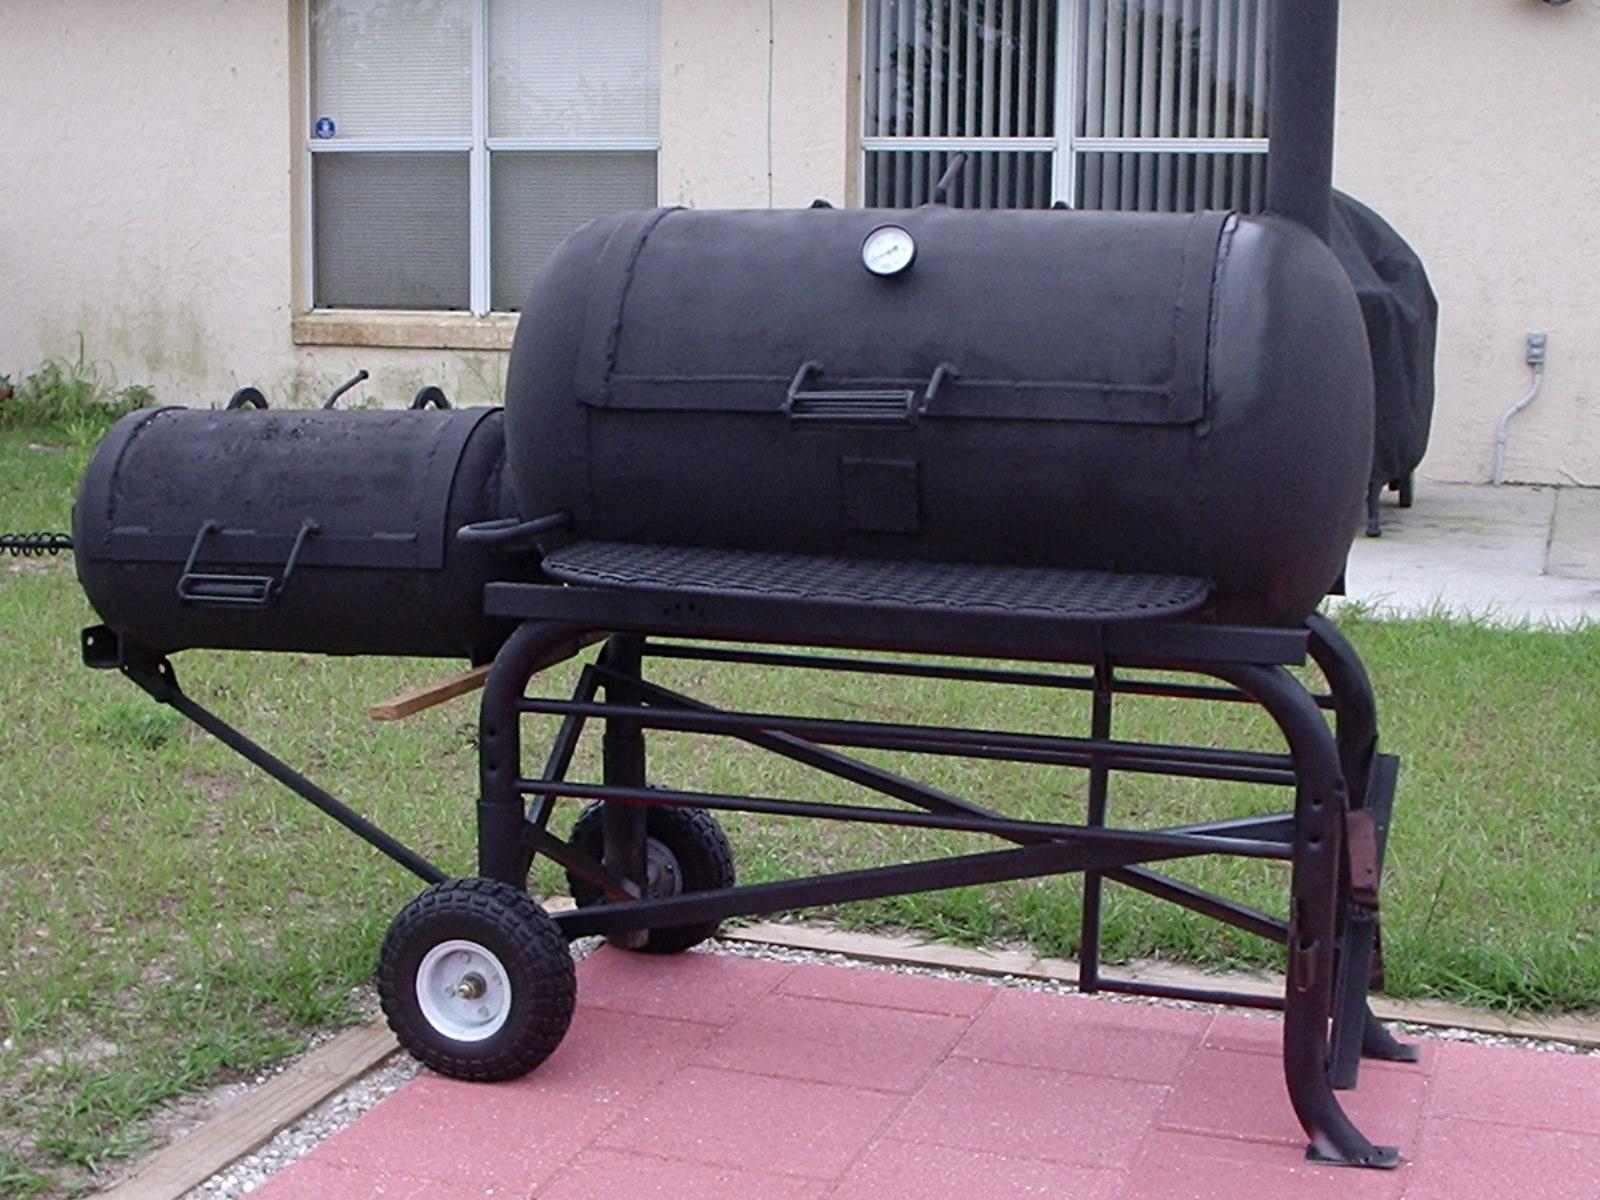 Large Smoker Grills